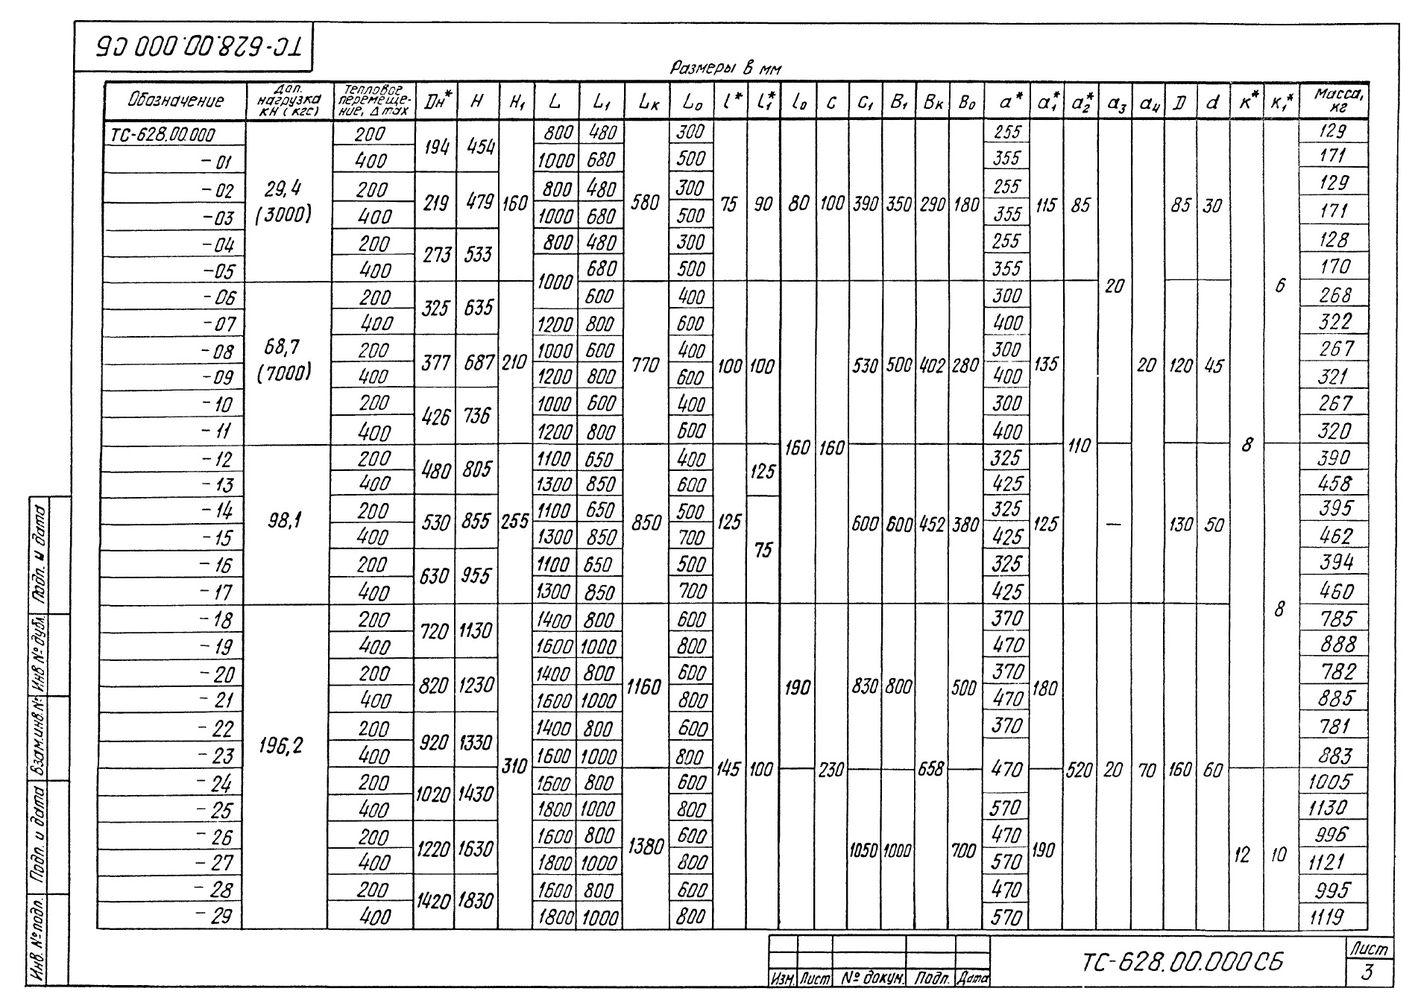 Опора катковая двухъярусная Дн194-1420мм ТС-628.00.000 серия 5.903-13 выпуск 8-95 стр.3